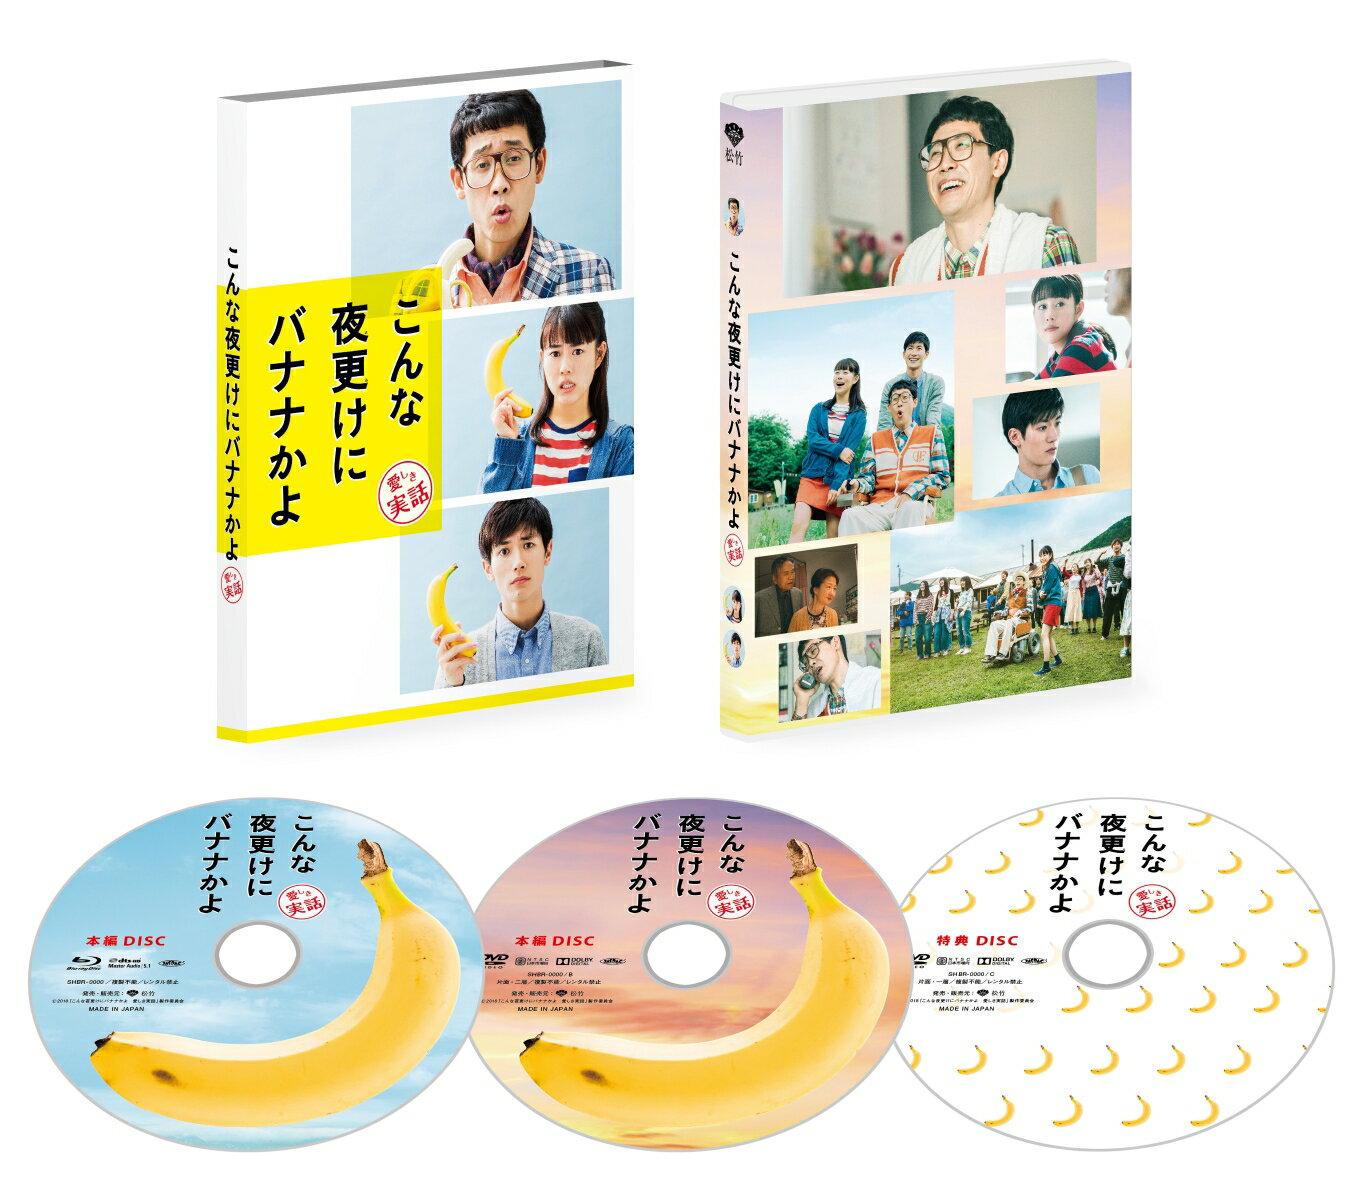 こんな夜更けにバナナかよ 愛しき実話 豪華版(初回限定生産)【Blu-ray】 [ 大泉洋 ]